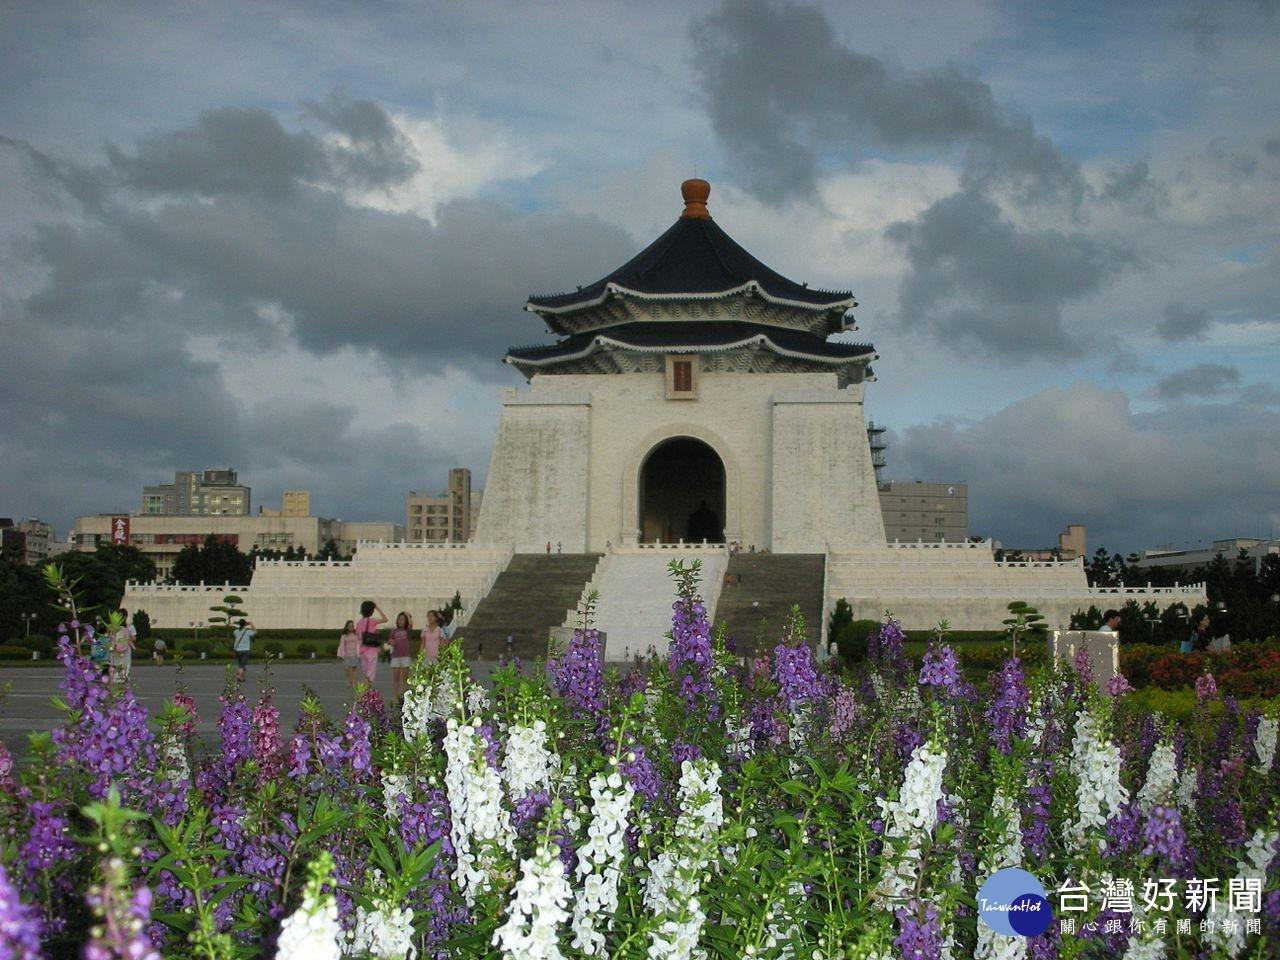 限高39年 中正紀念堂周圍建物高度放寬至65公尺